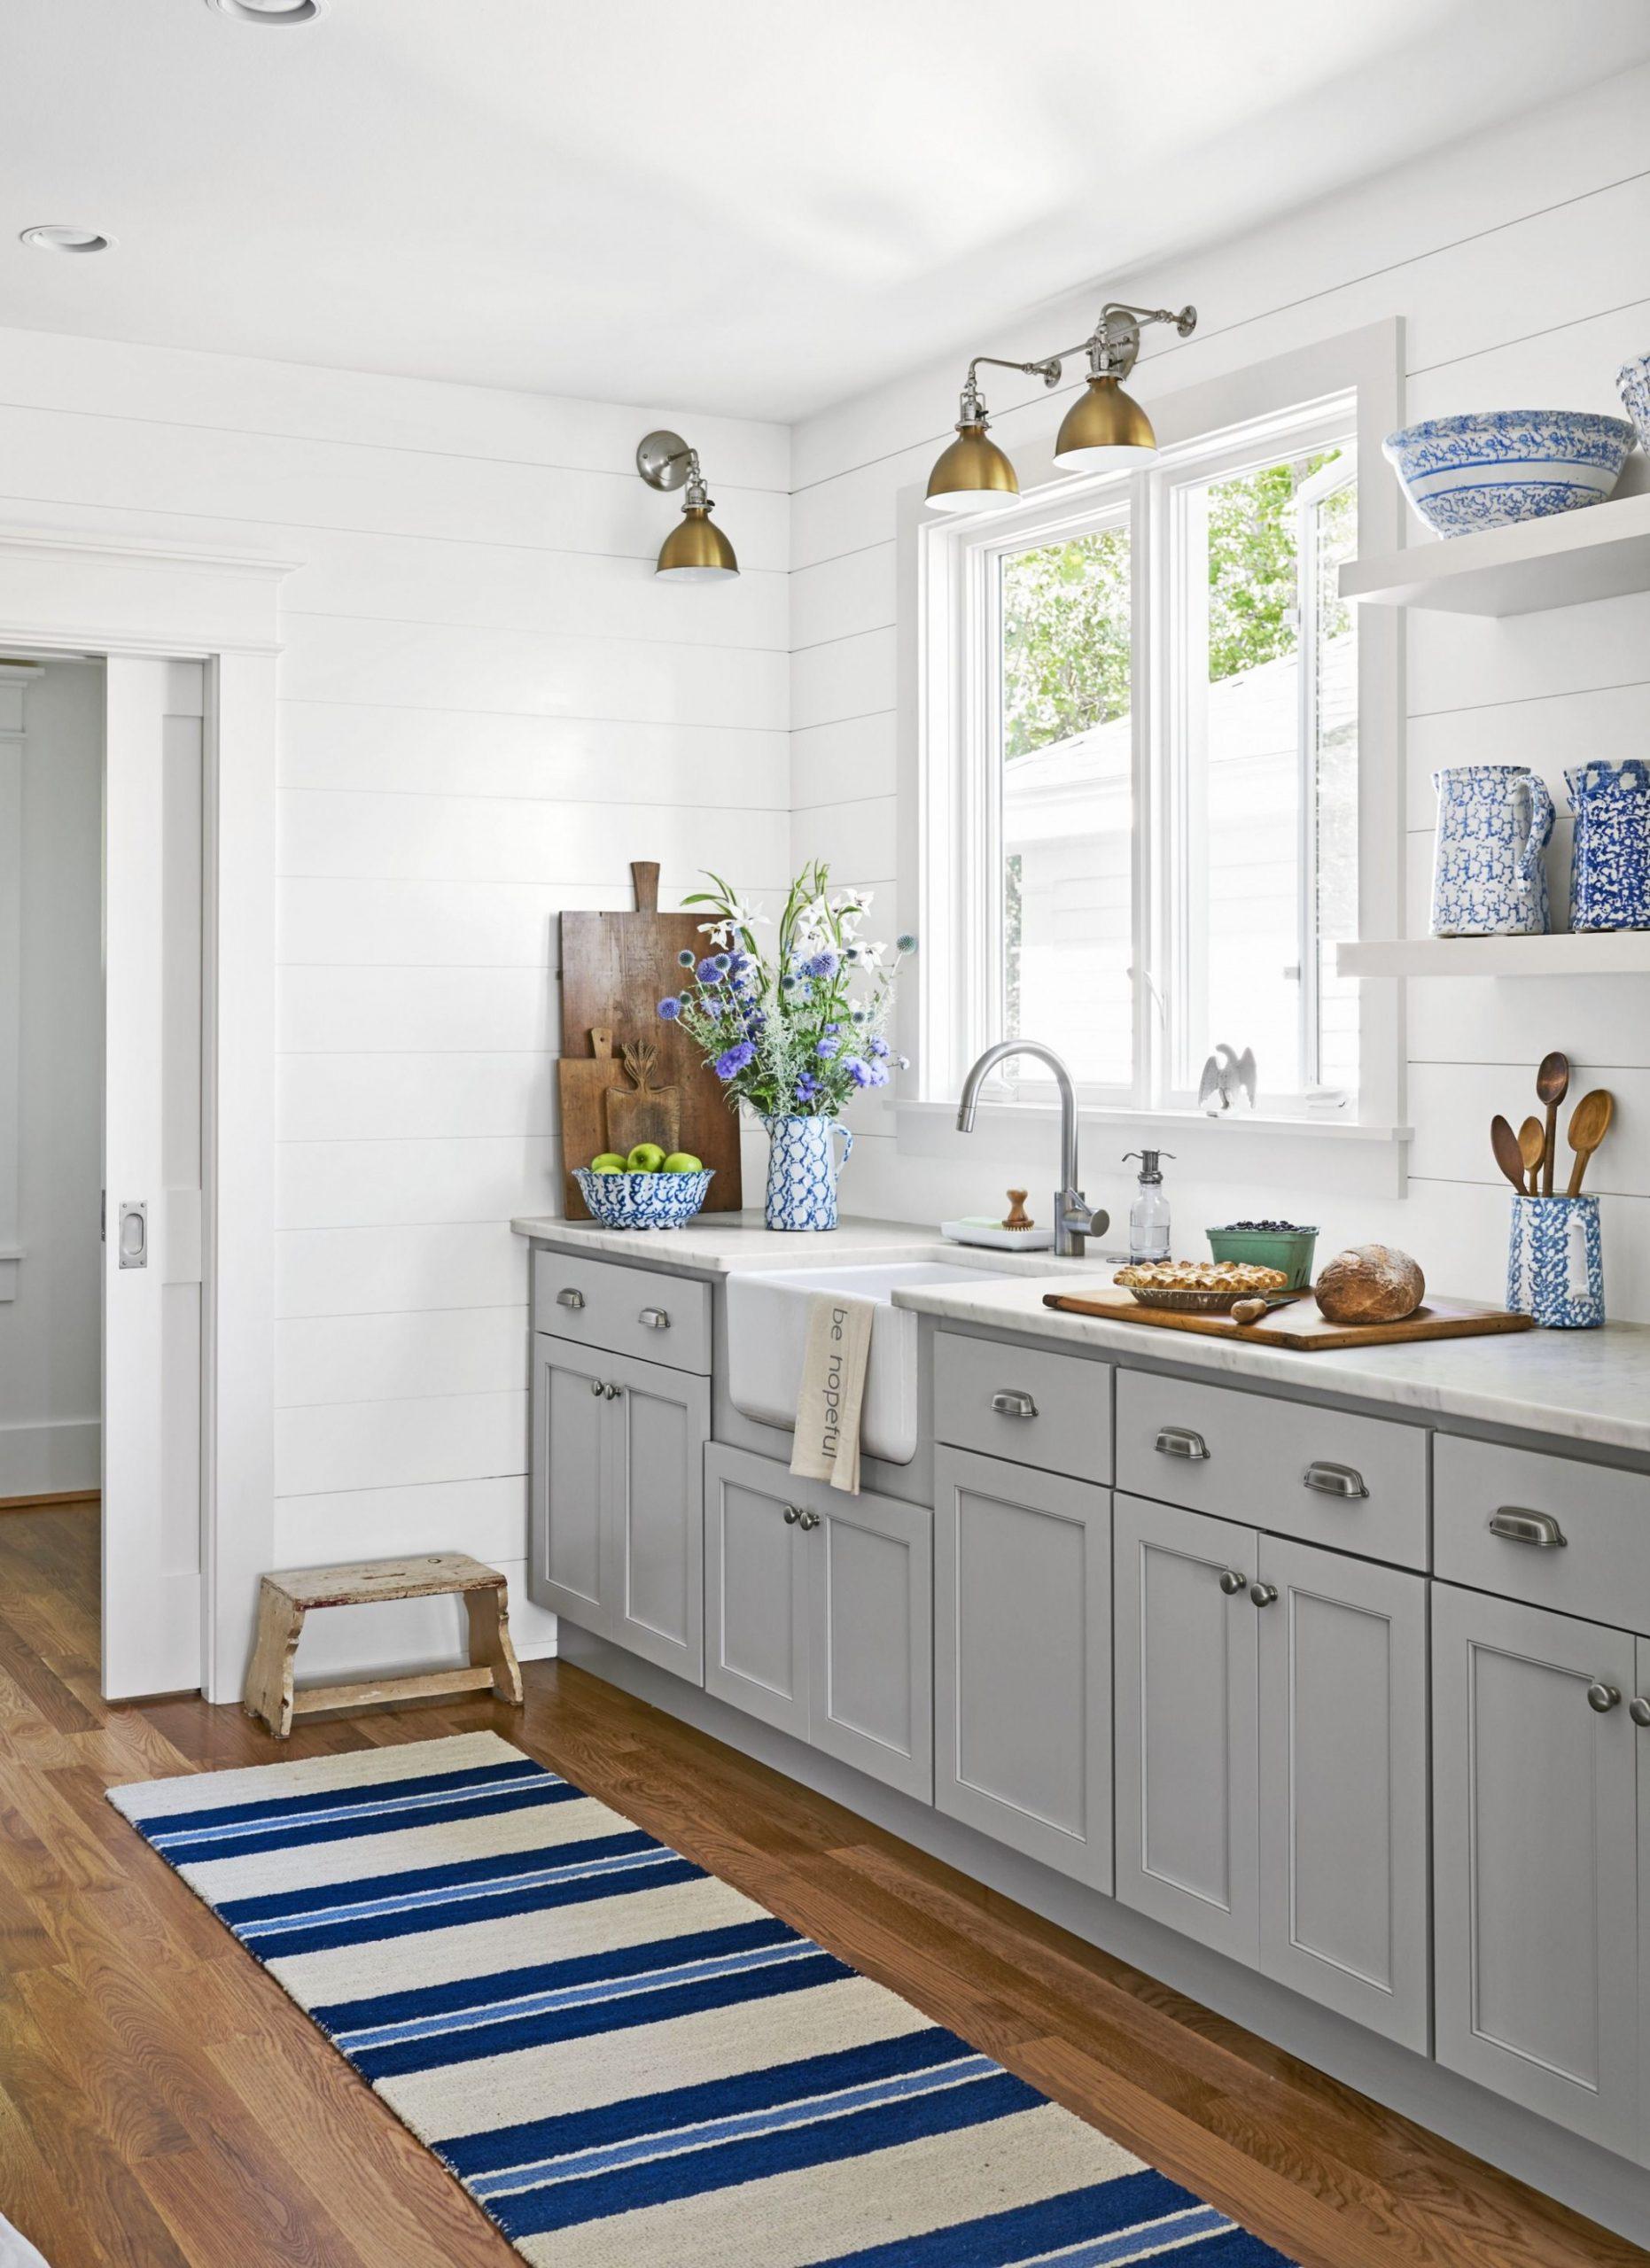 10 DIY Kitchen Cabinet Hardware Ideas — Best Kitchen Cabinet Hardware - Glass Kitchen Cabinet Pulls And Knobs